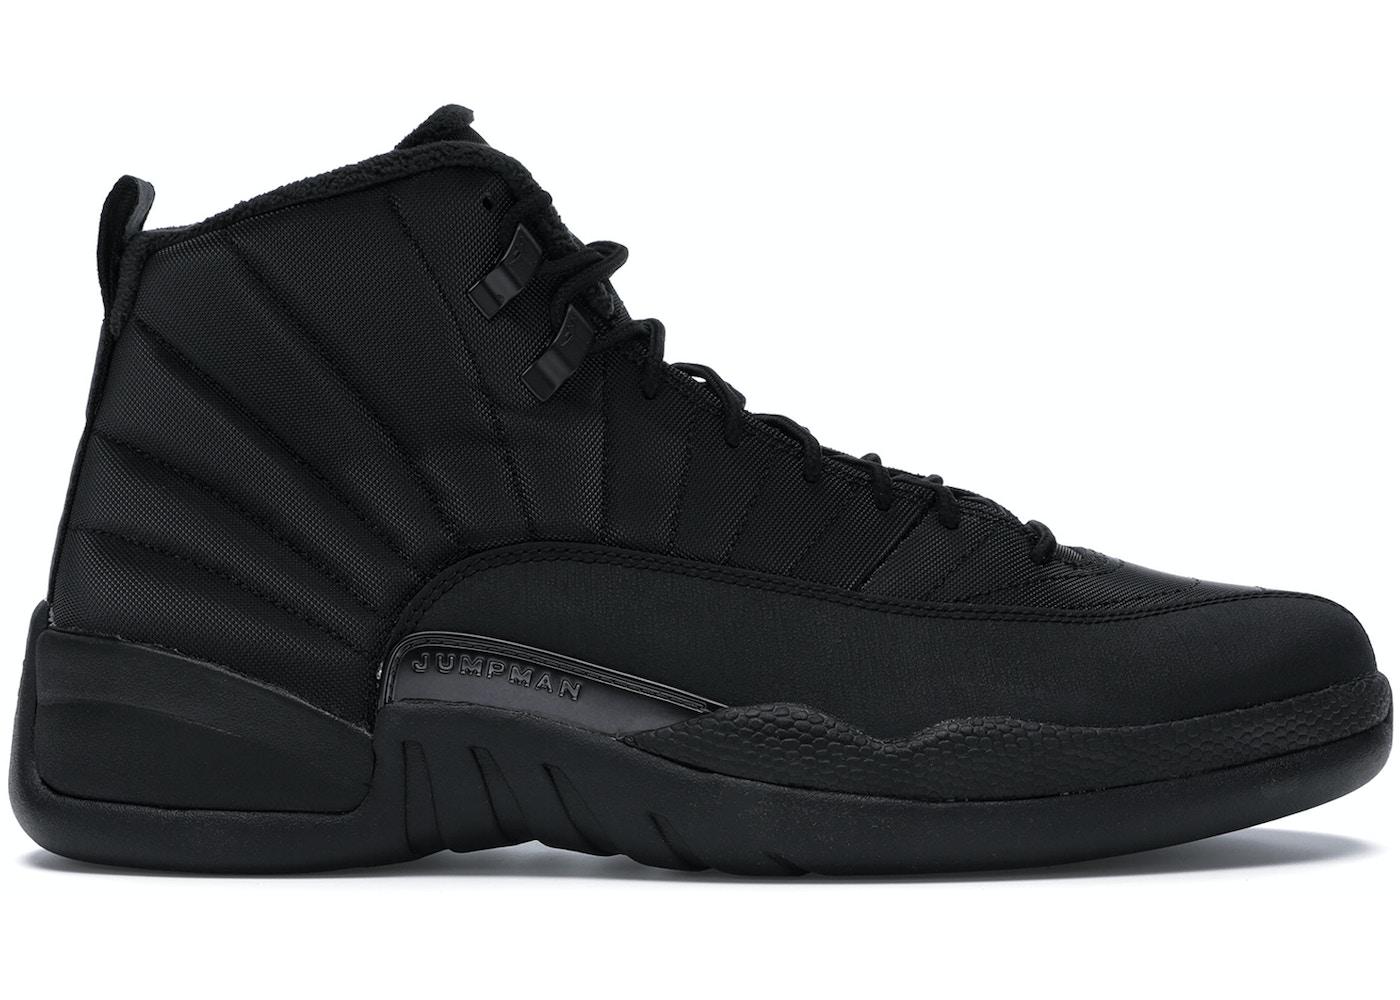 f714d71489d Buy Air Jordan 12 Shoes & Deadstock Sneakers